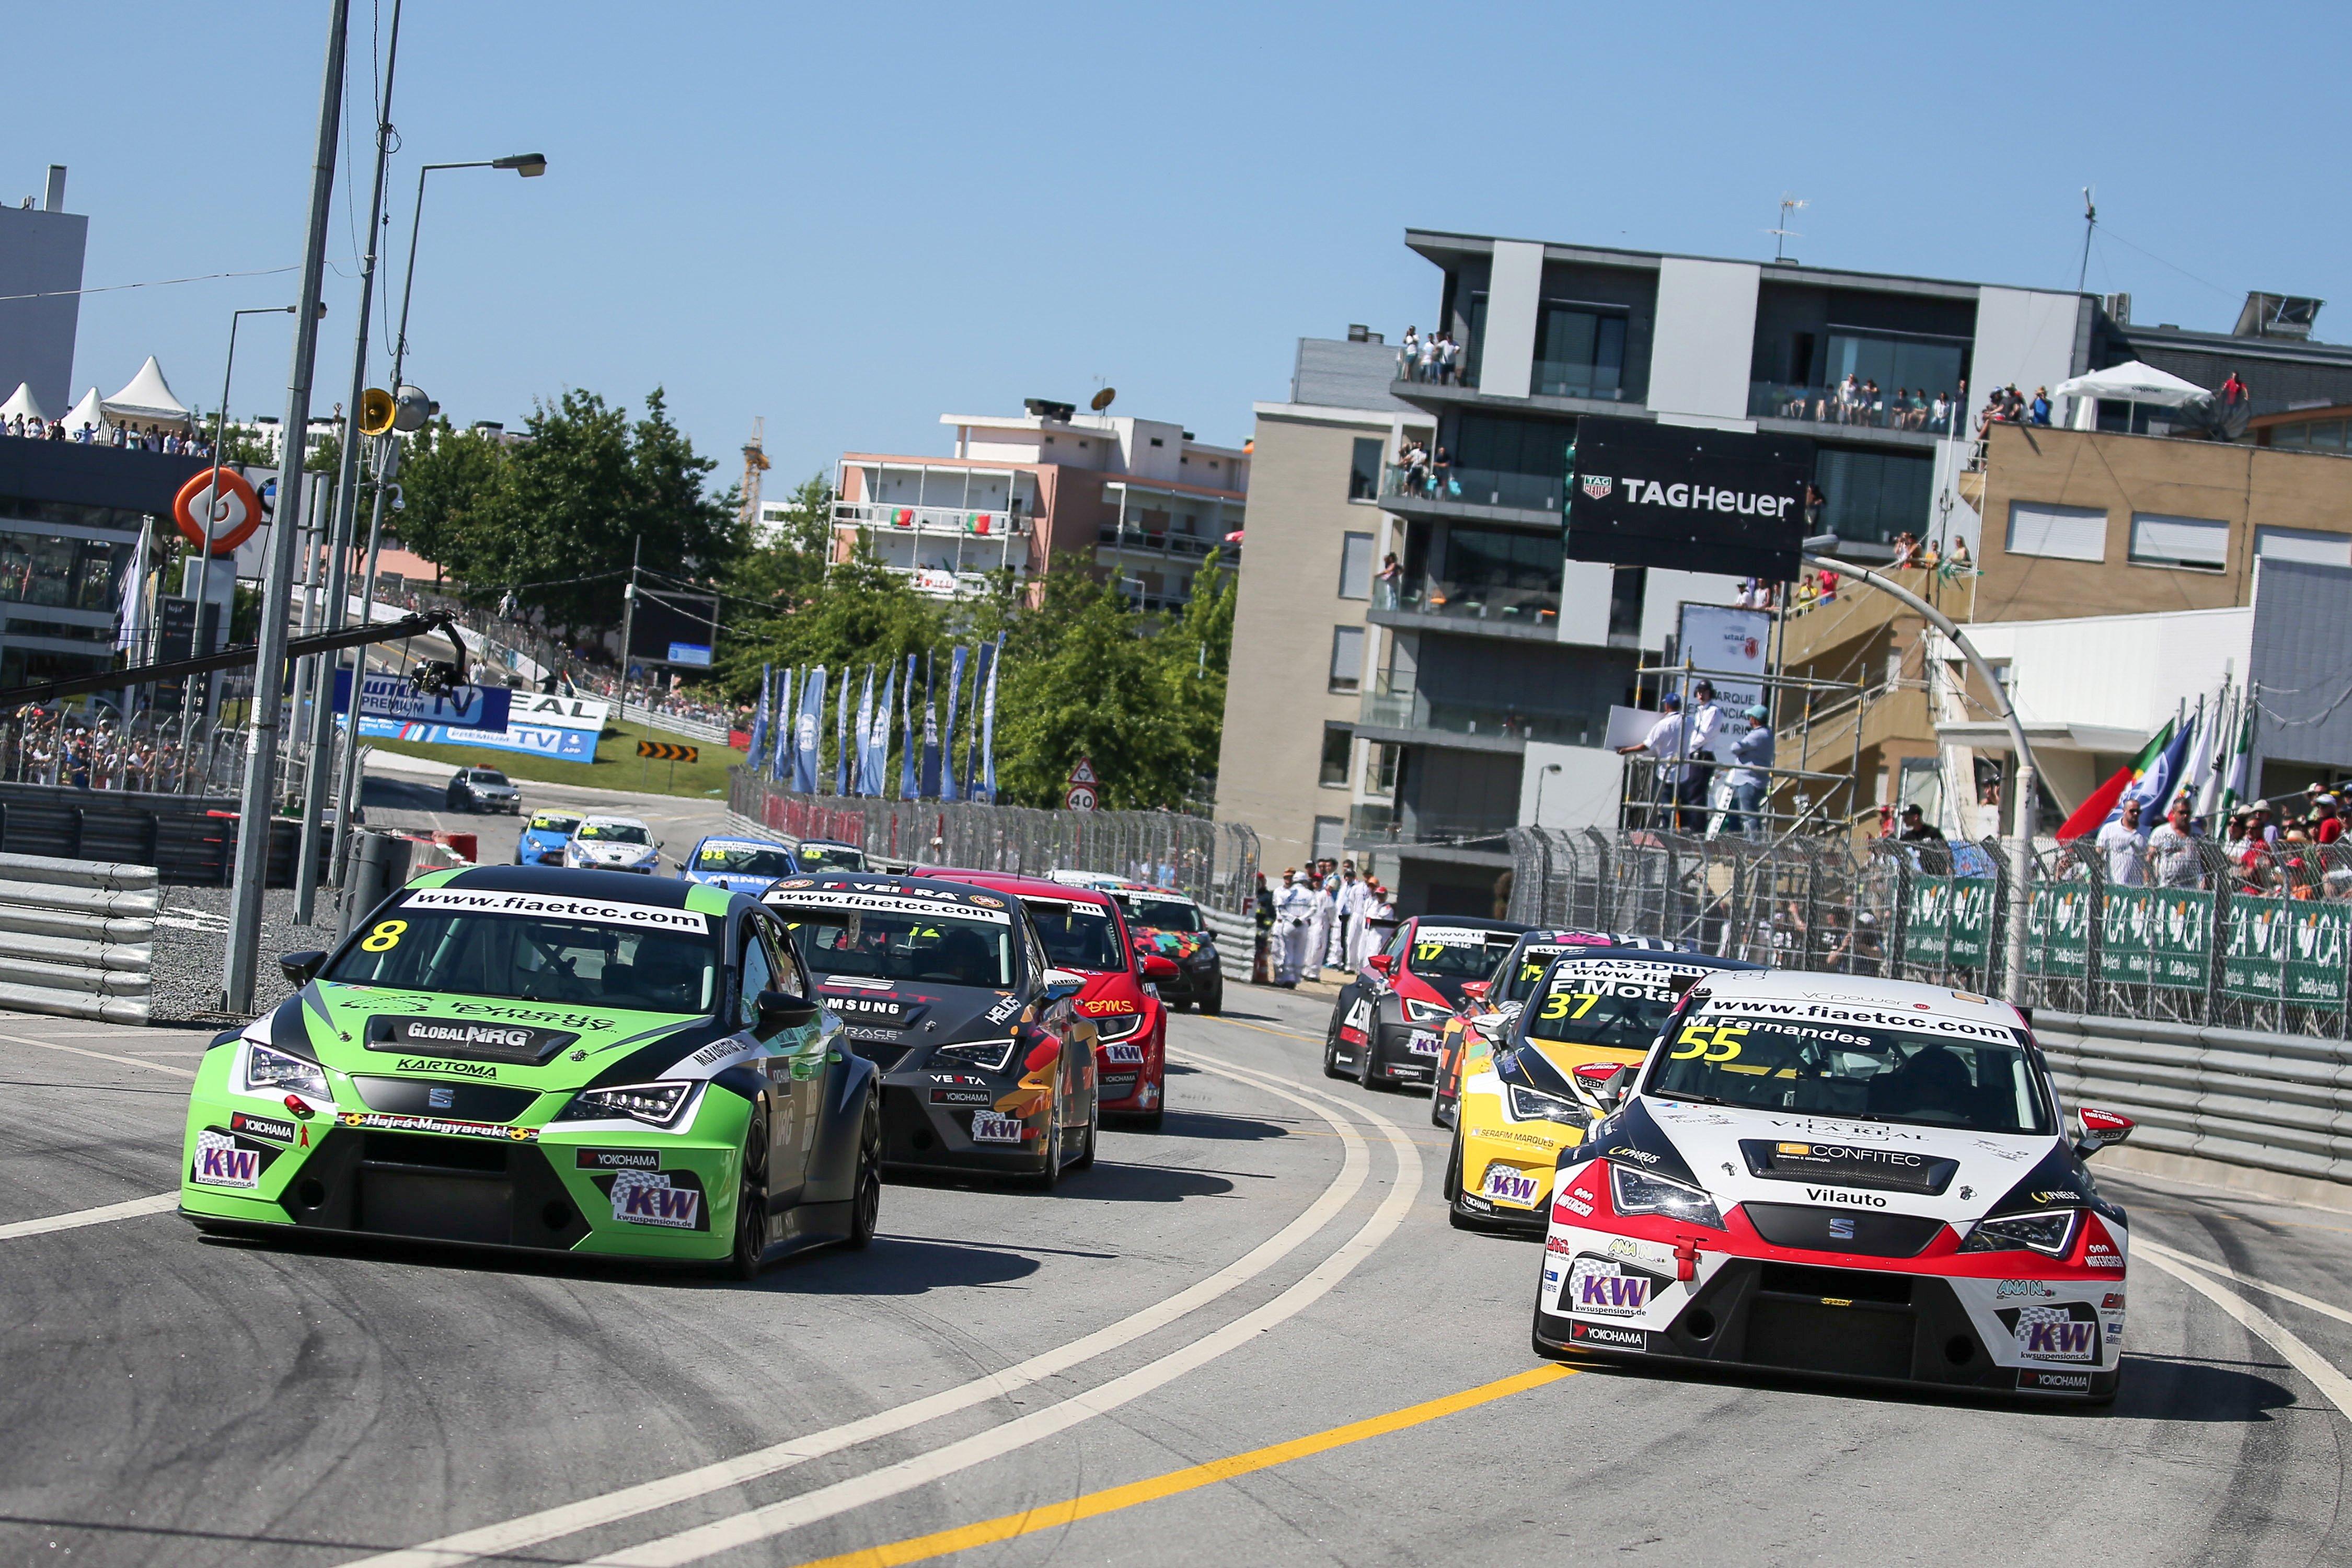 ETCC  Овој викенд караванот се пресели на улиците на Вила Реал во Португалија  резултати од тестот и распоред на викендот